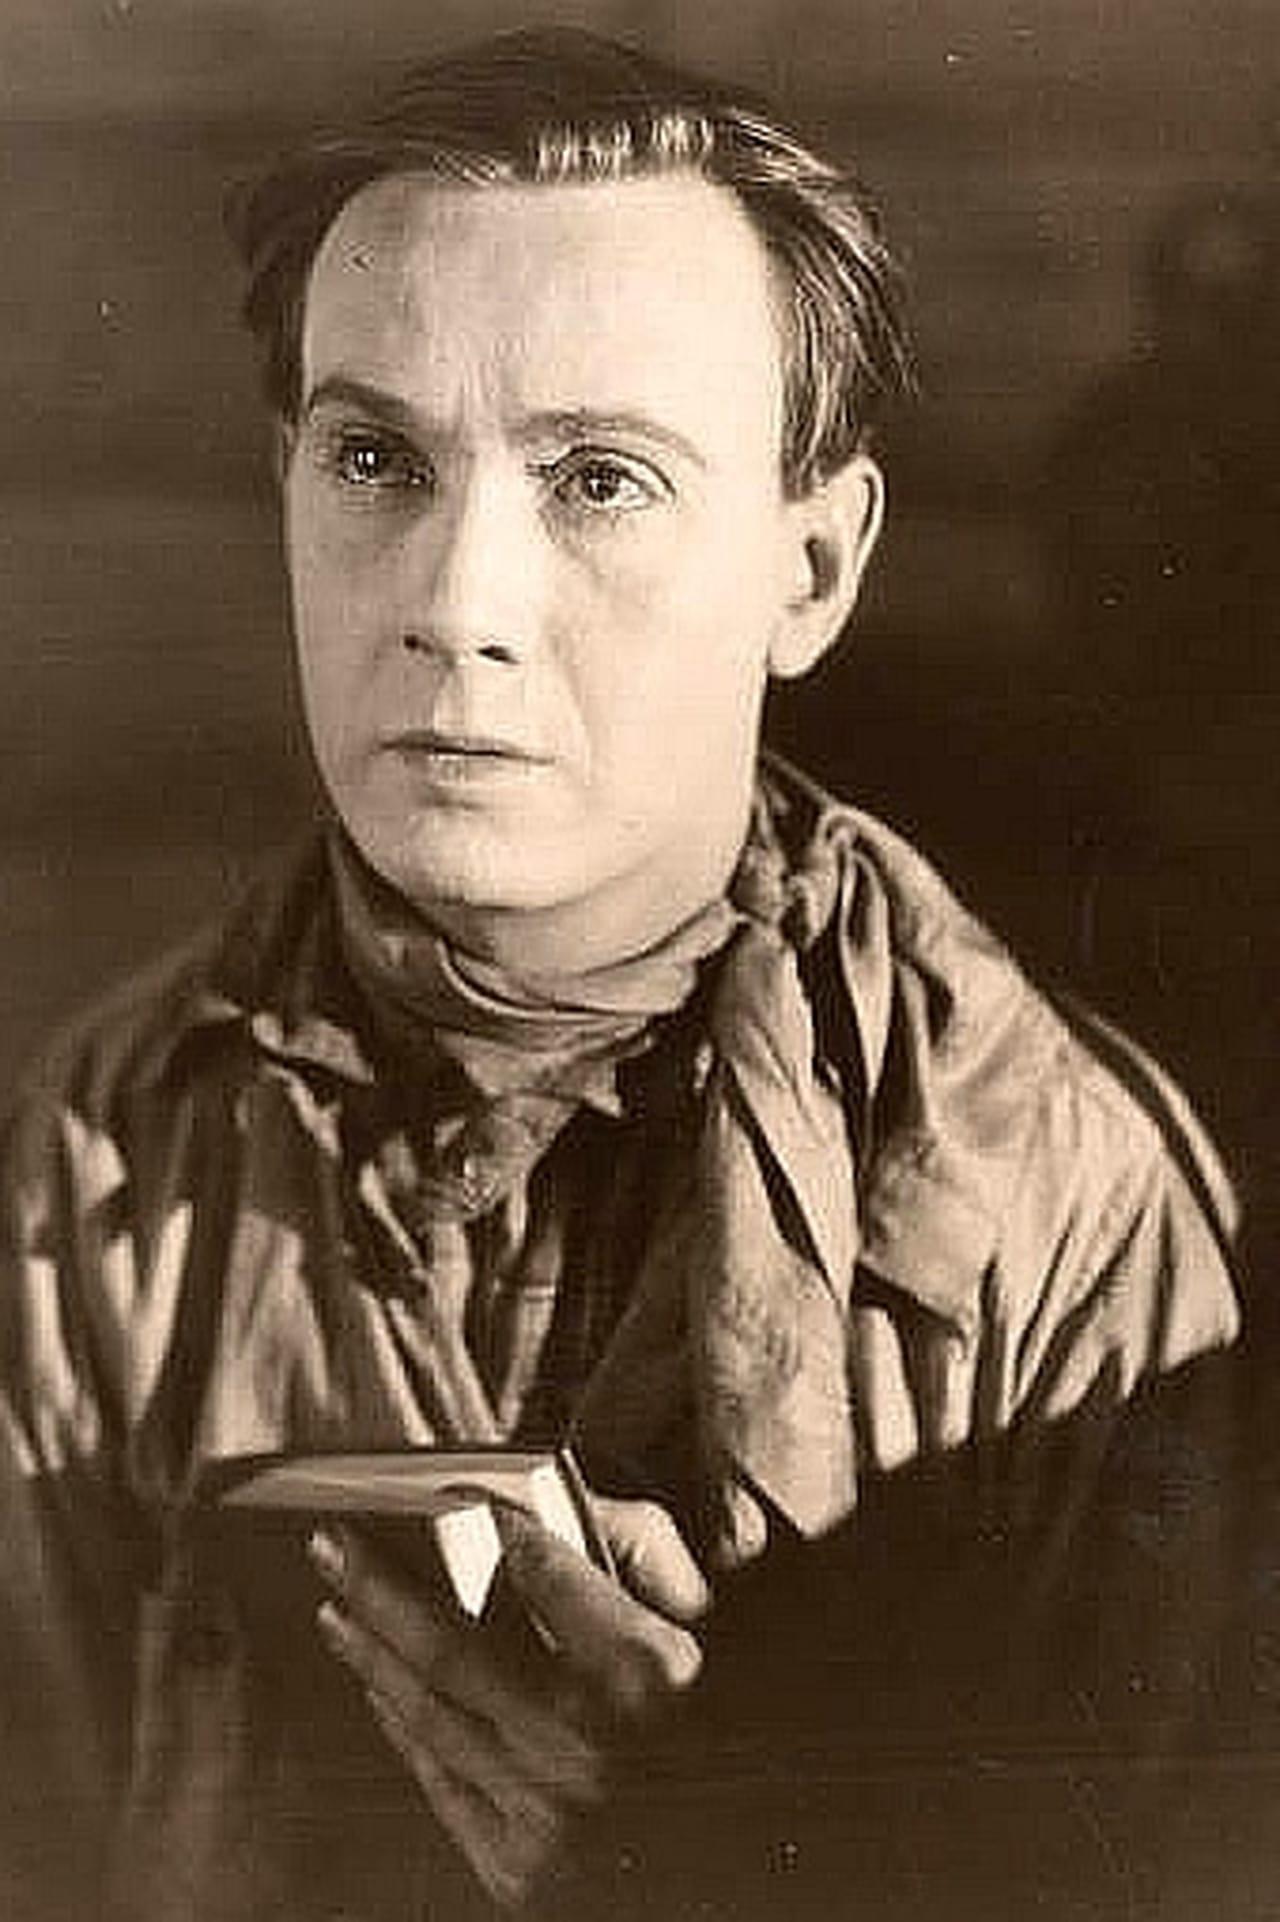 George Hackathorne